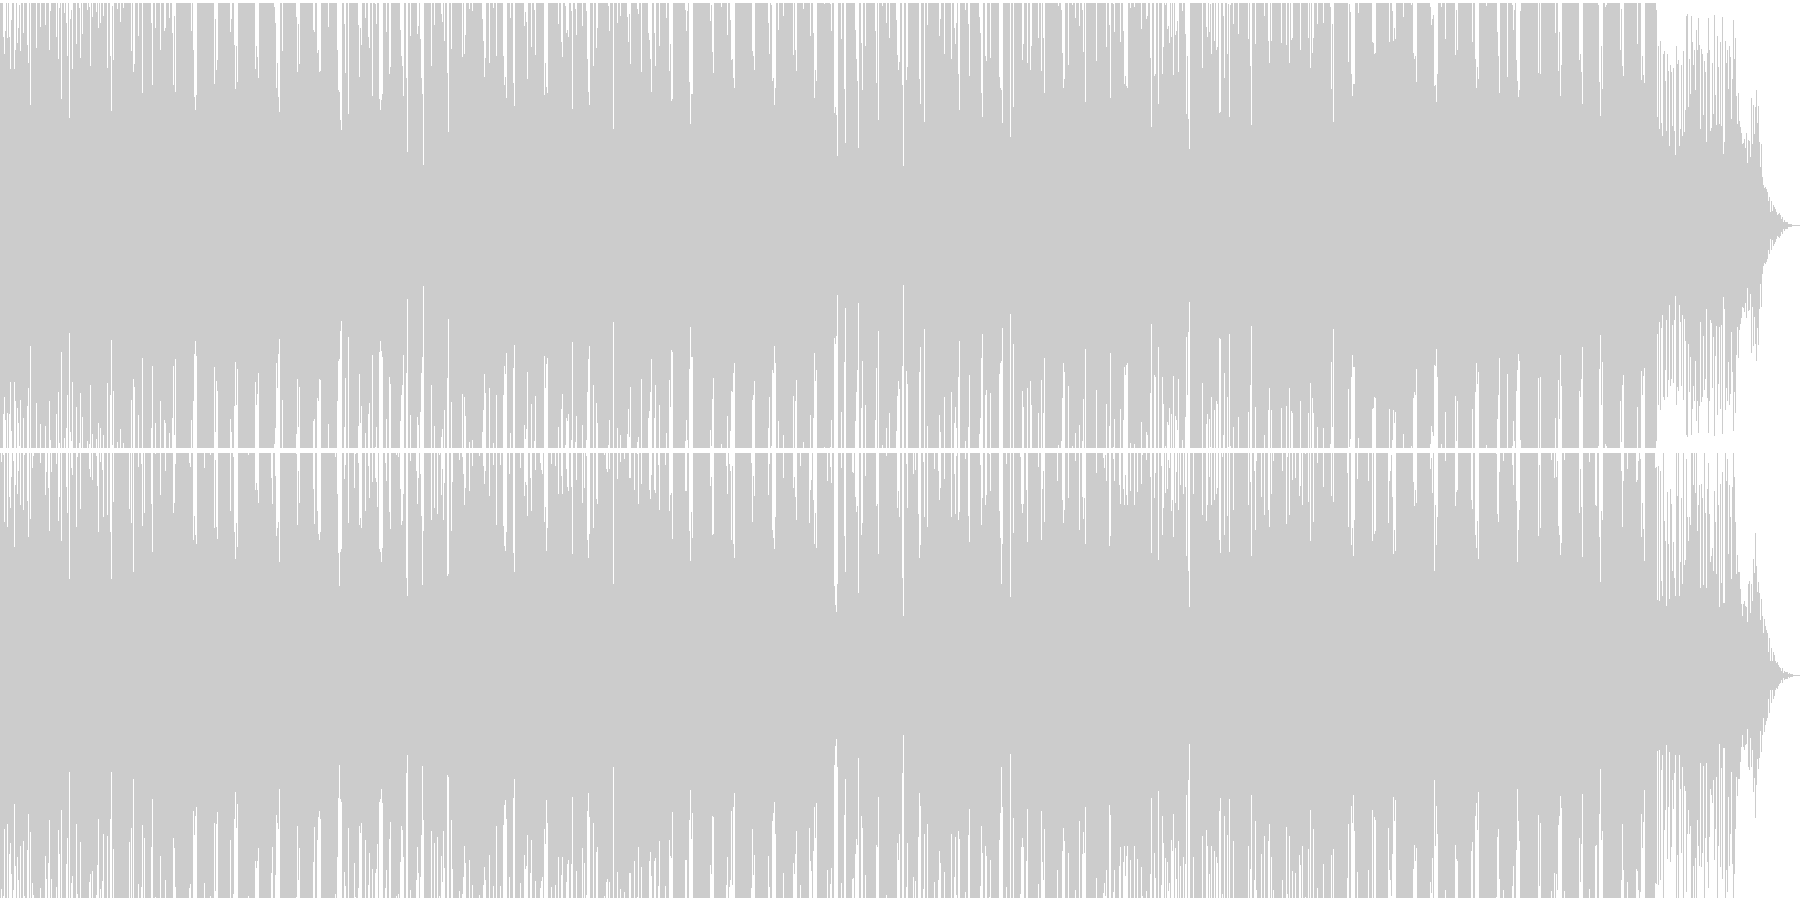 コンテンポラリーR&B系スローラウンジ曲の未再生の波形